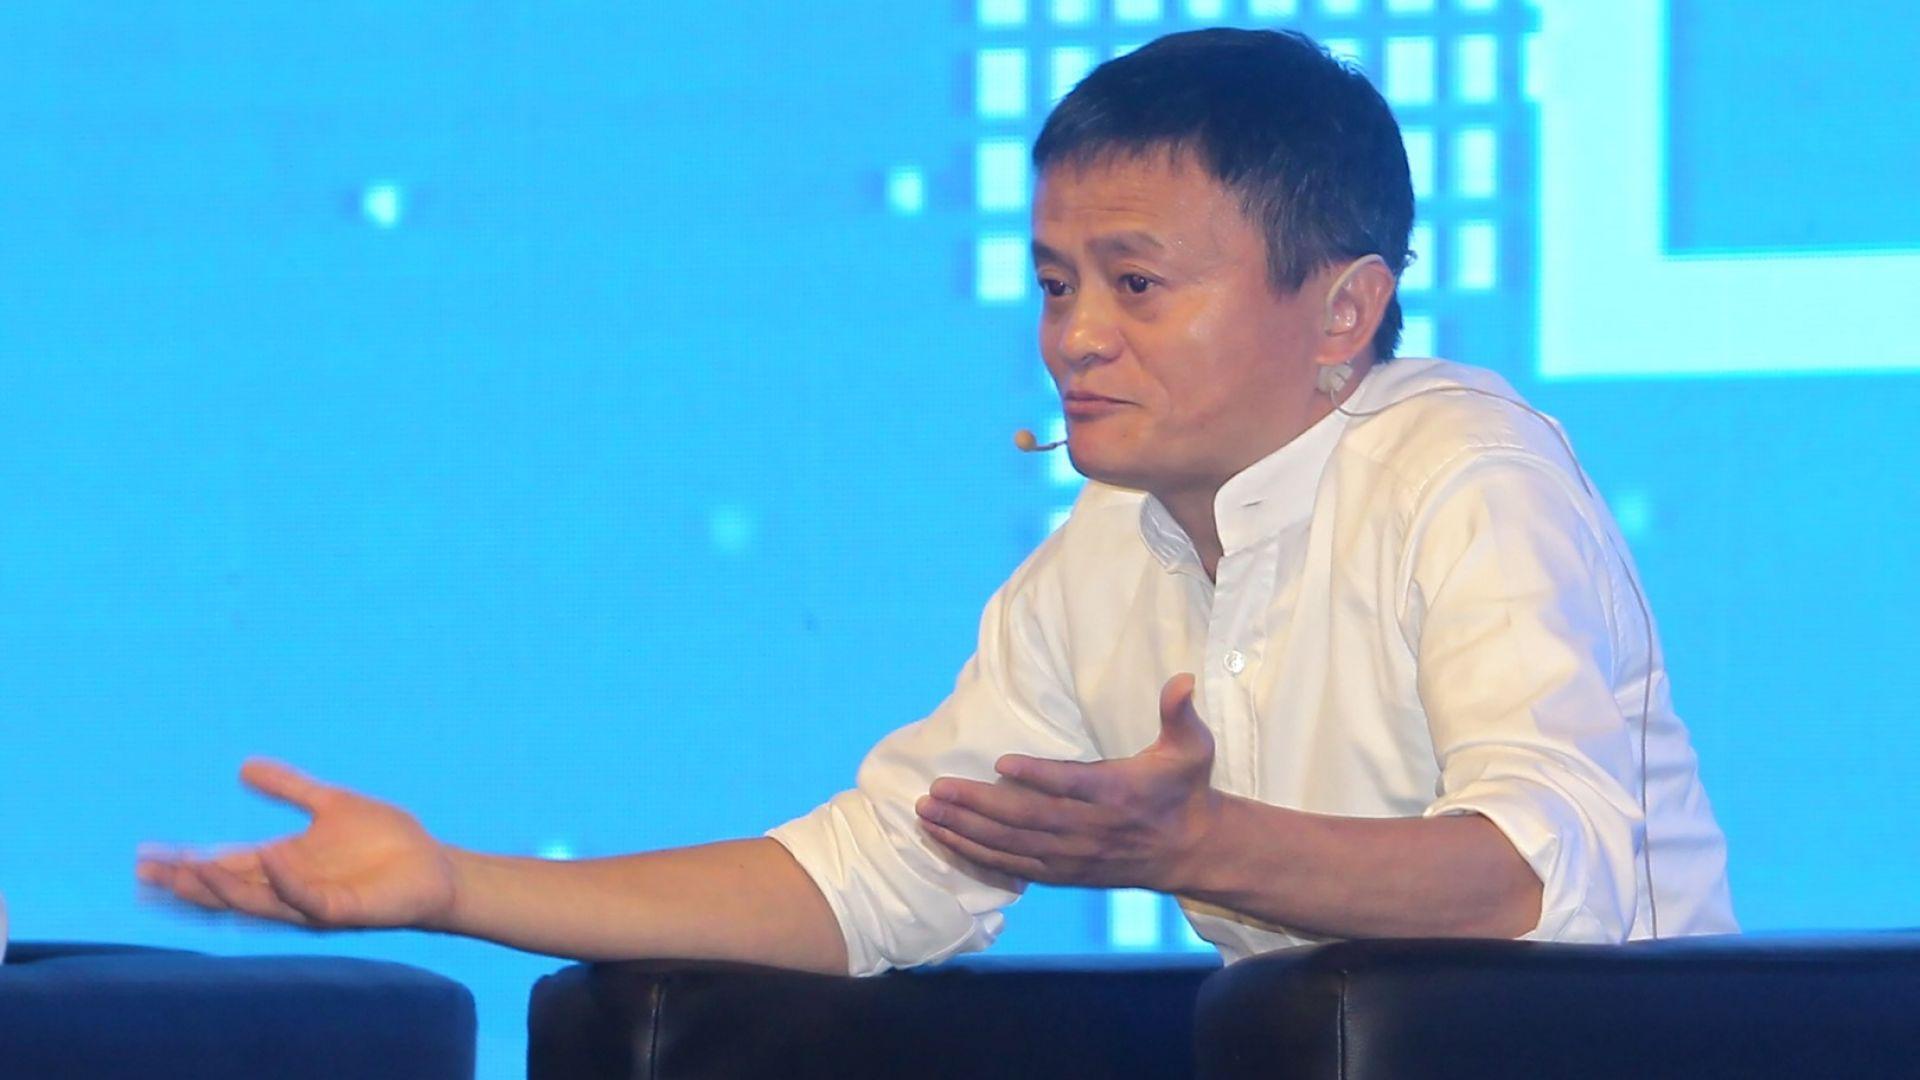 Шефът на Alibaba - член на Китайската комунистическа партия